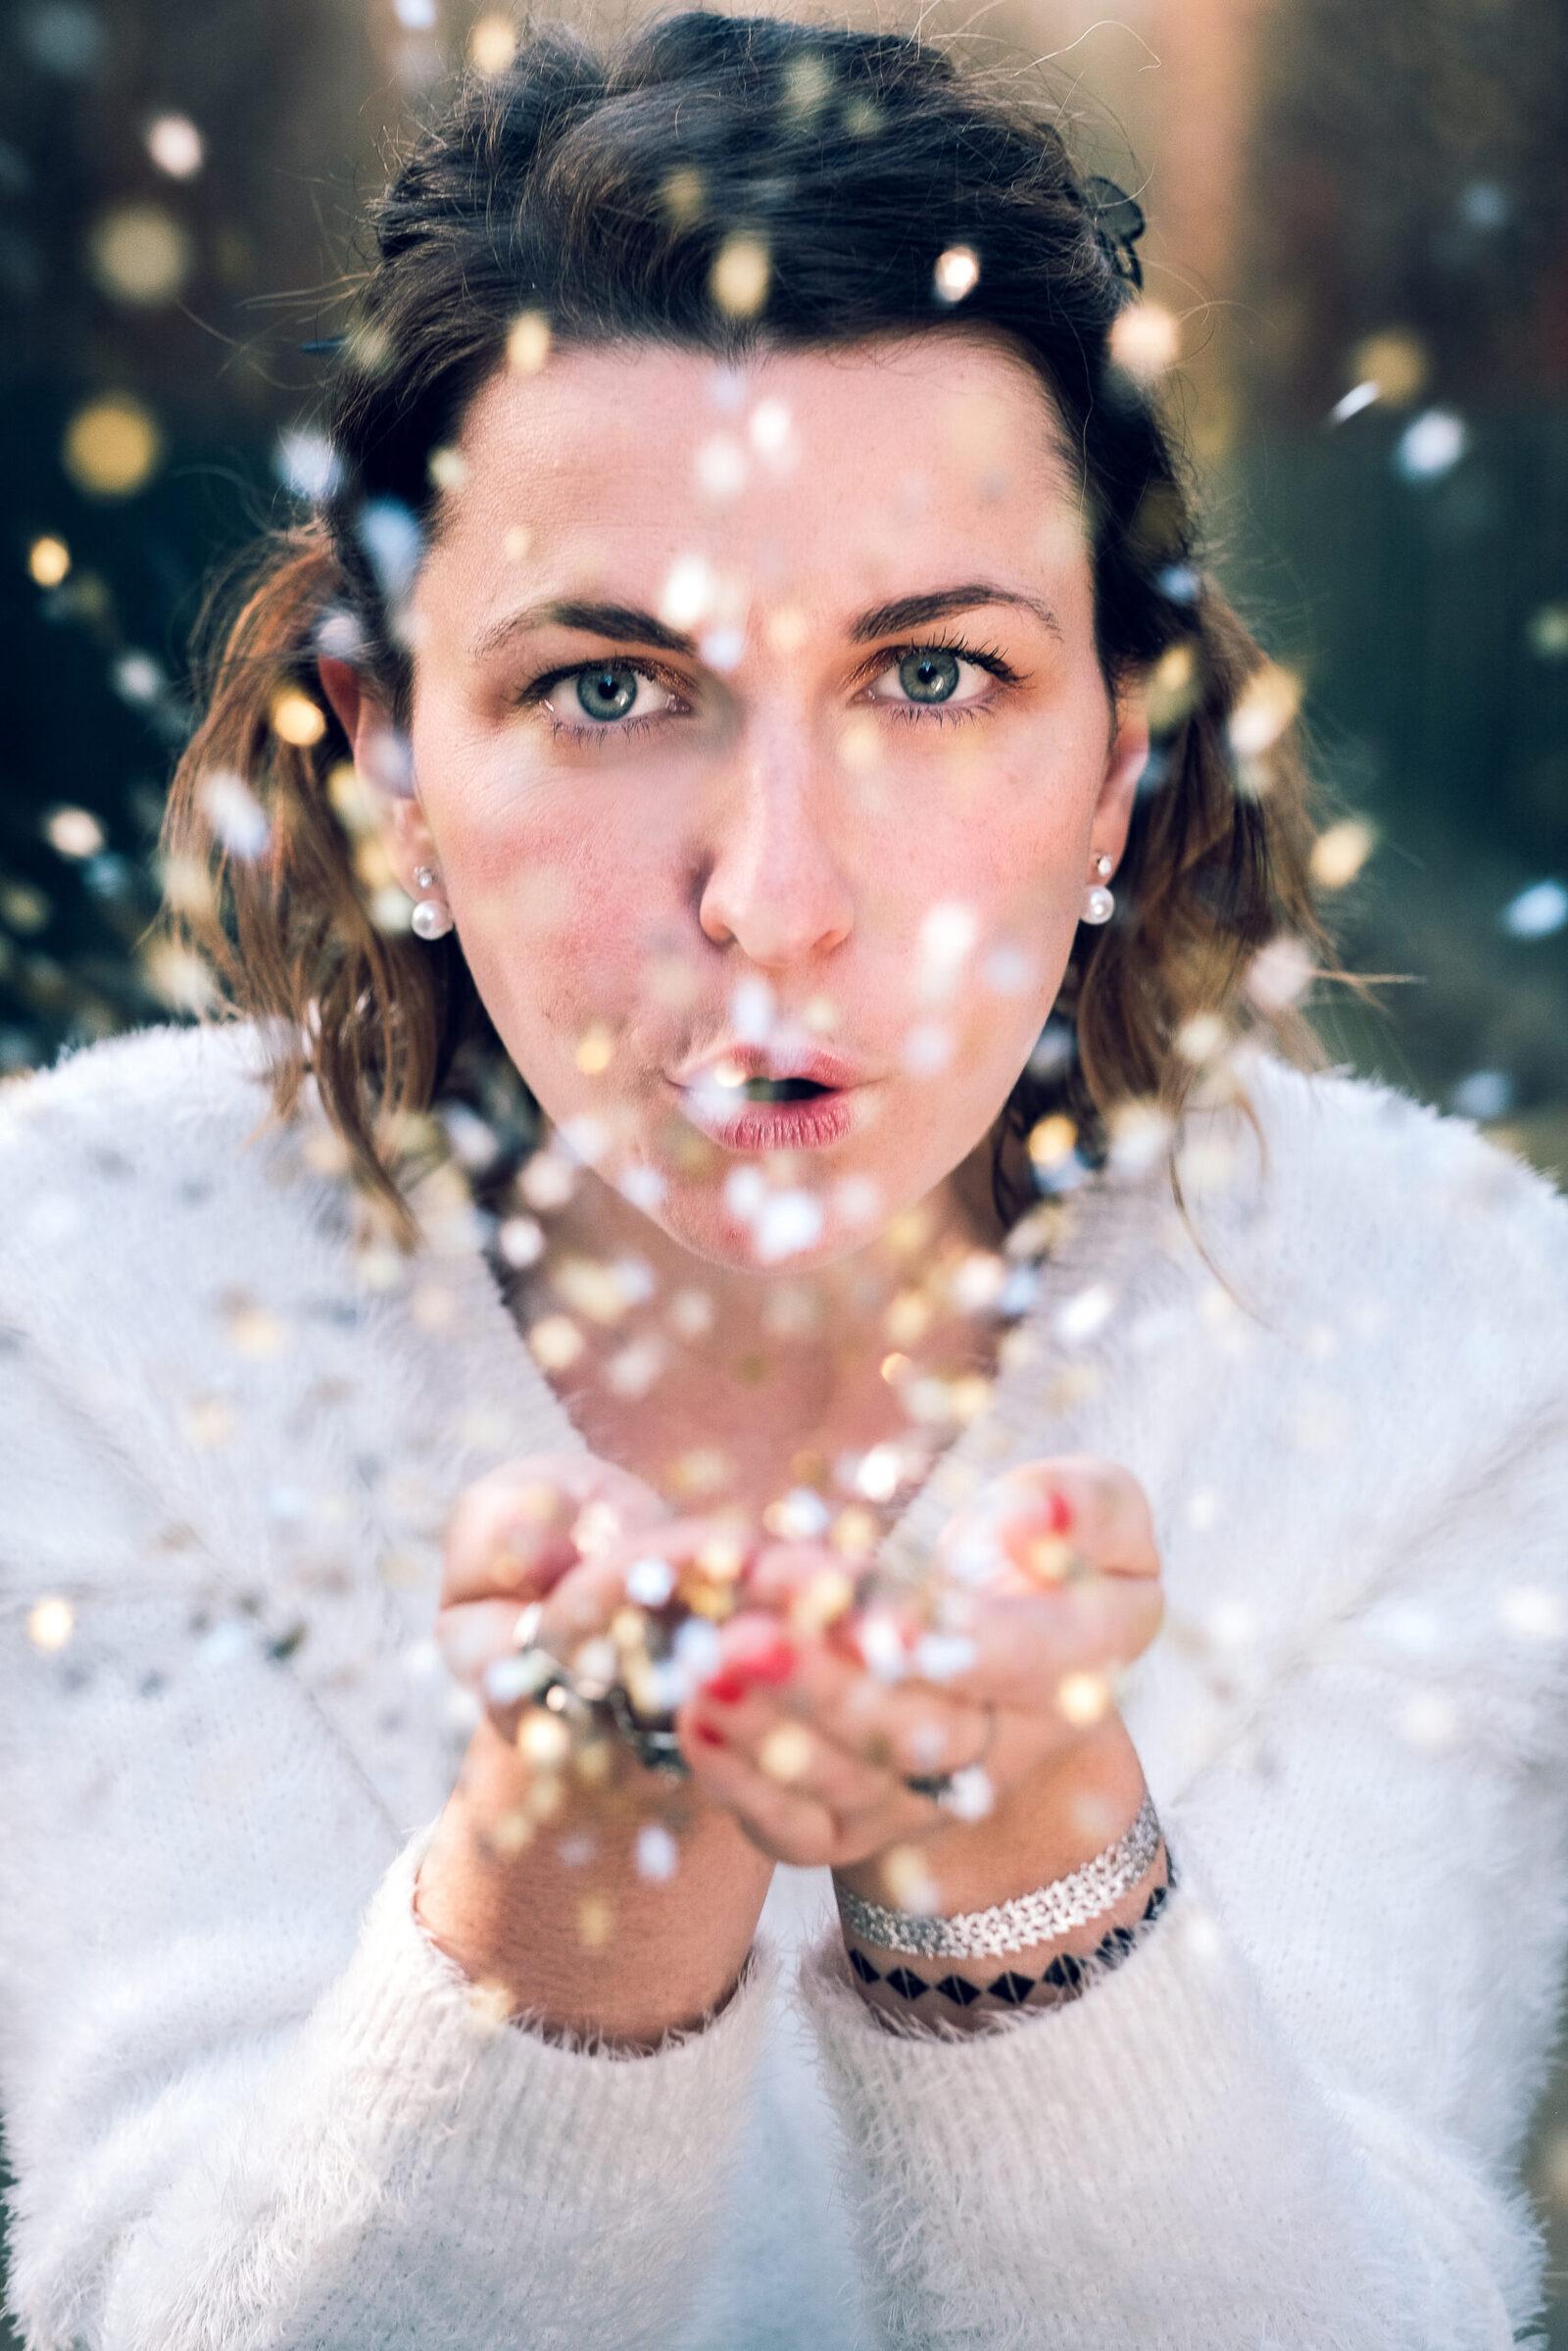 Anne Bied photographe - photographe portrait